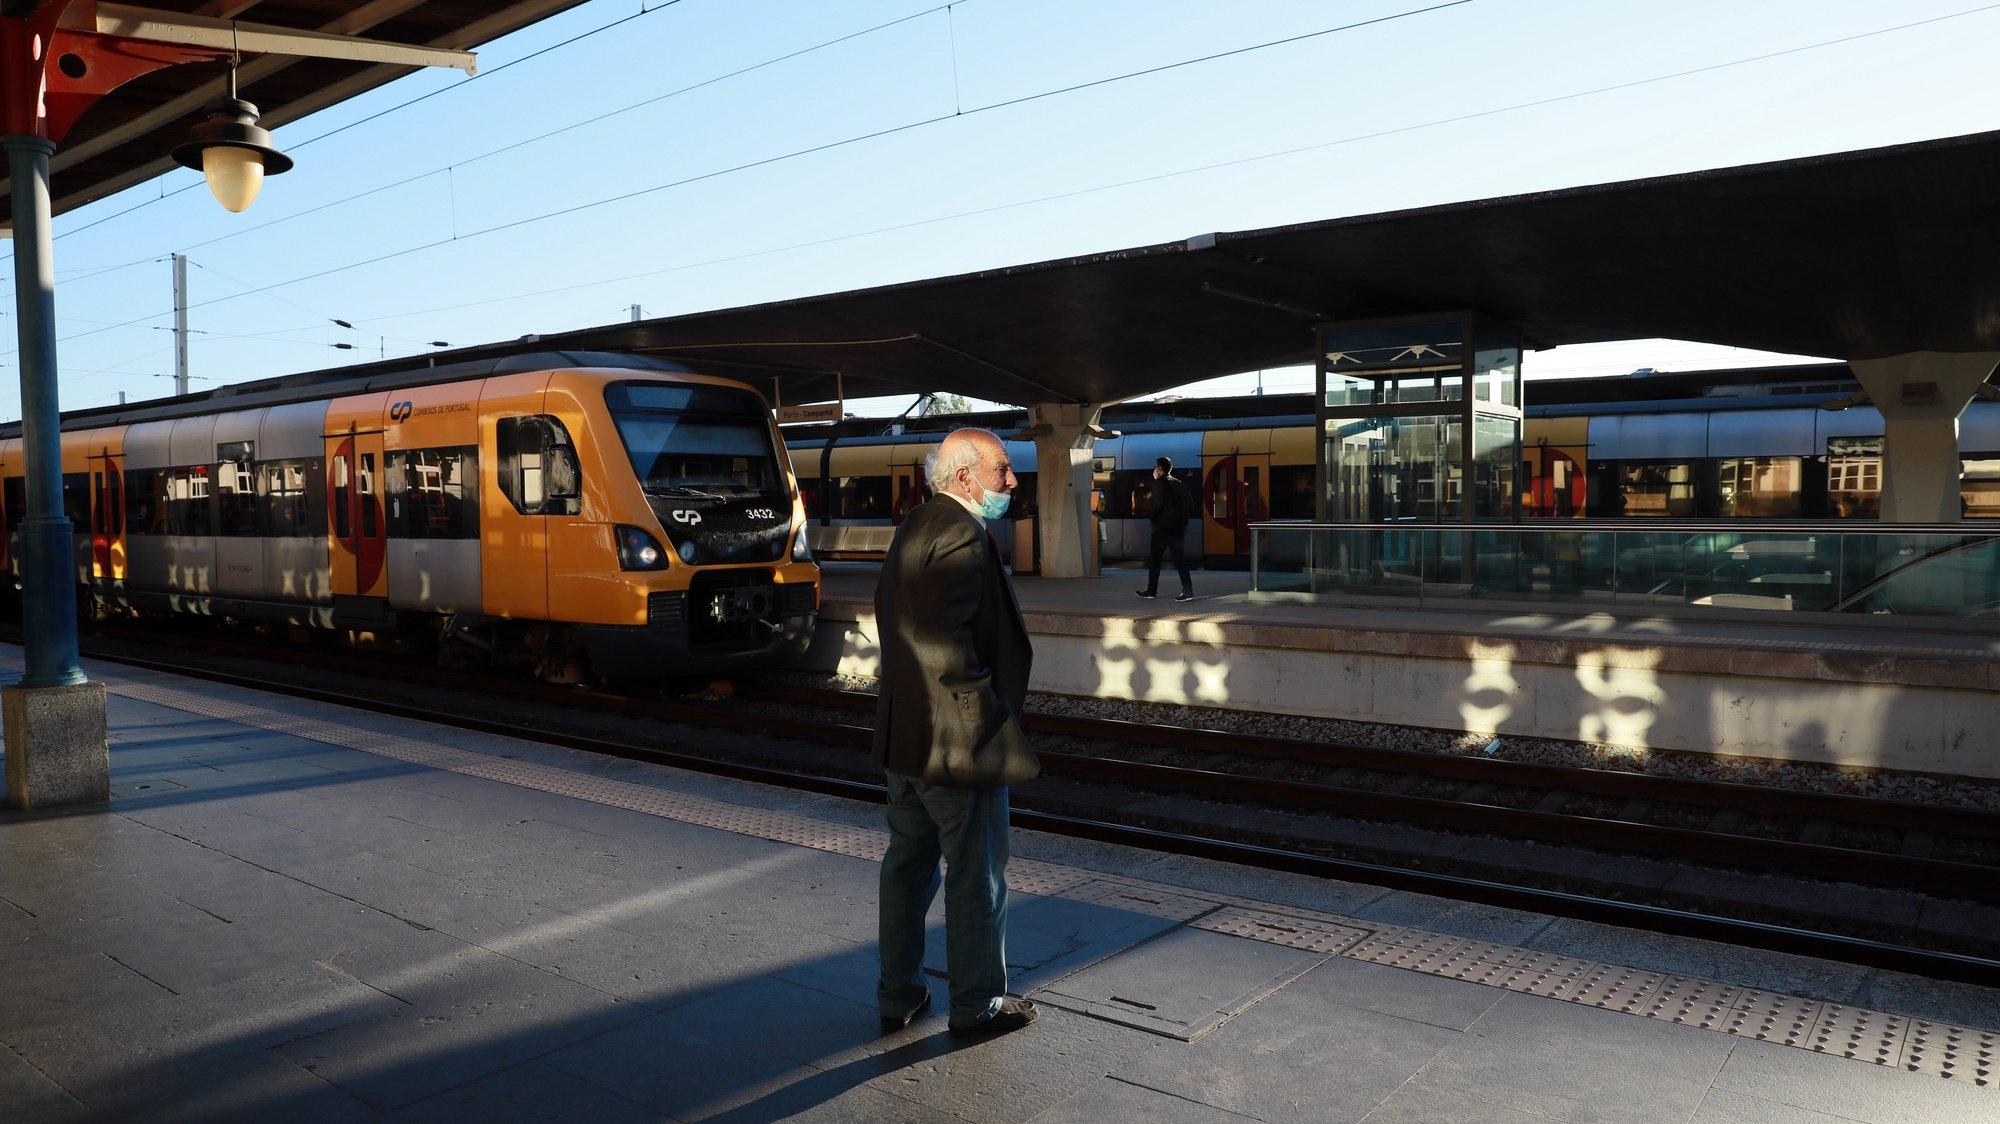 A CP- Comboios de Portugal realizou 108 das 255 ligações ferroviárias que tinha programadas até às 08:00, devido à greve dos trabalhadores da empresa e da Infraestruturas de Portugal, estação de Campanhã no Porto, 08 de outubro 2021. ESTELA SILVA/LUSA